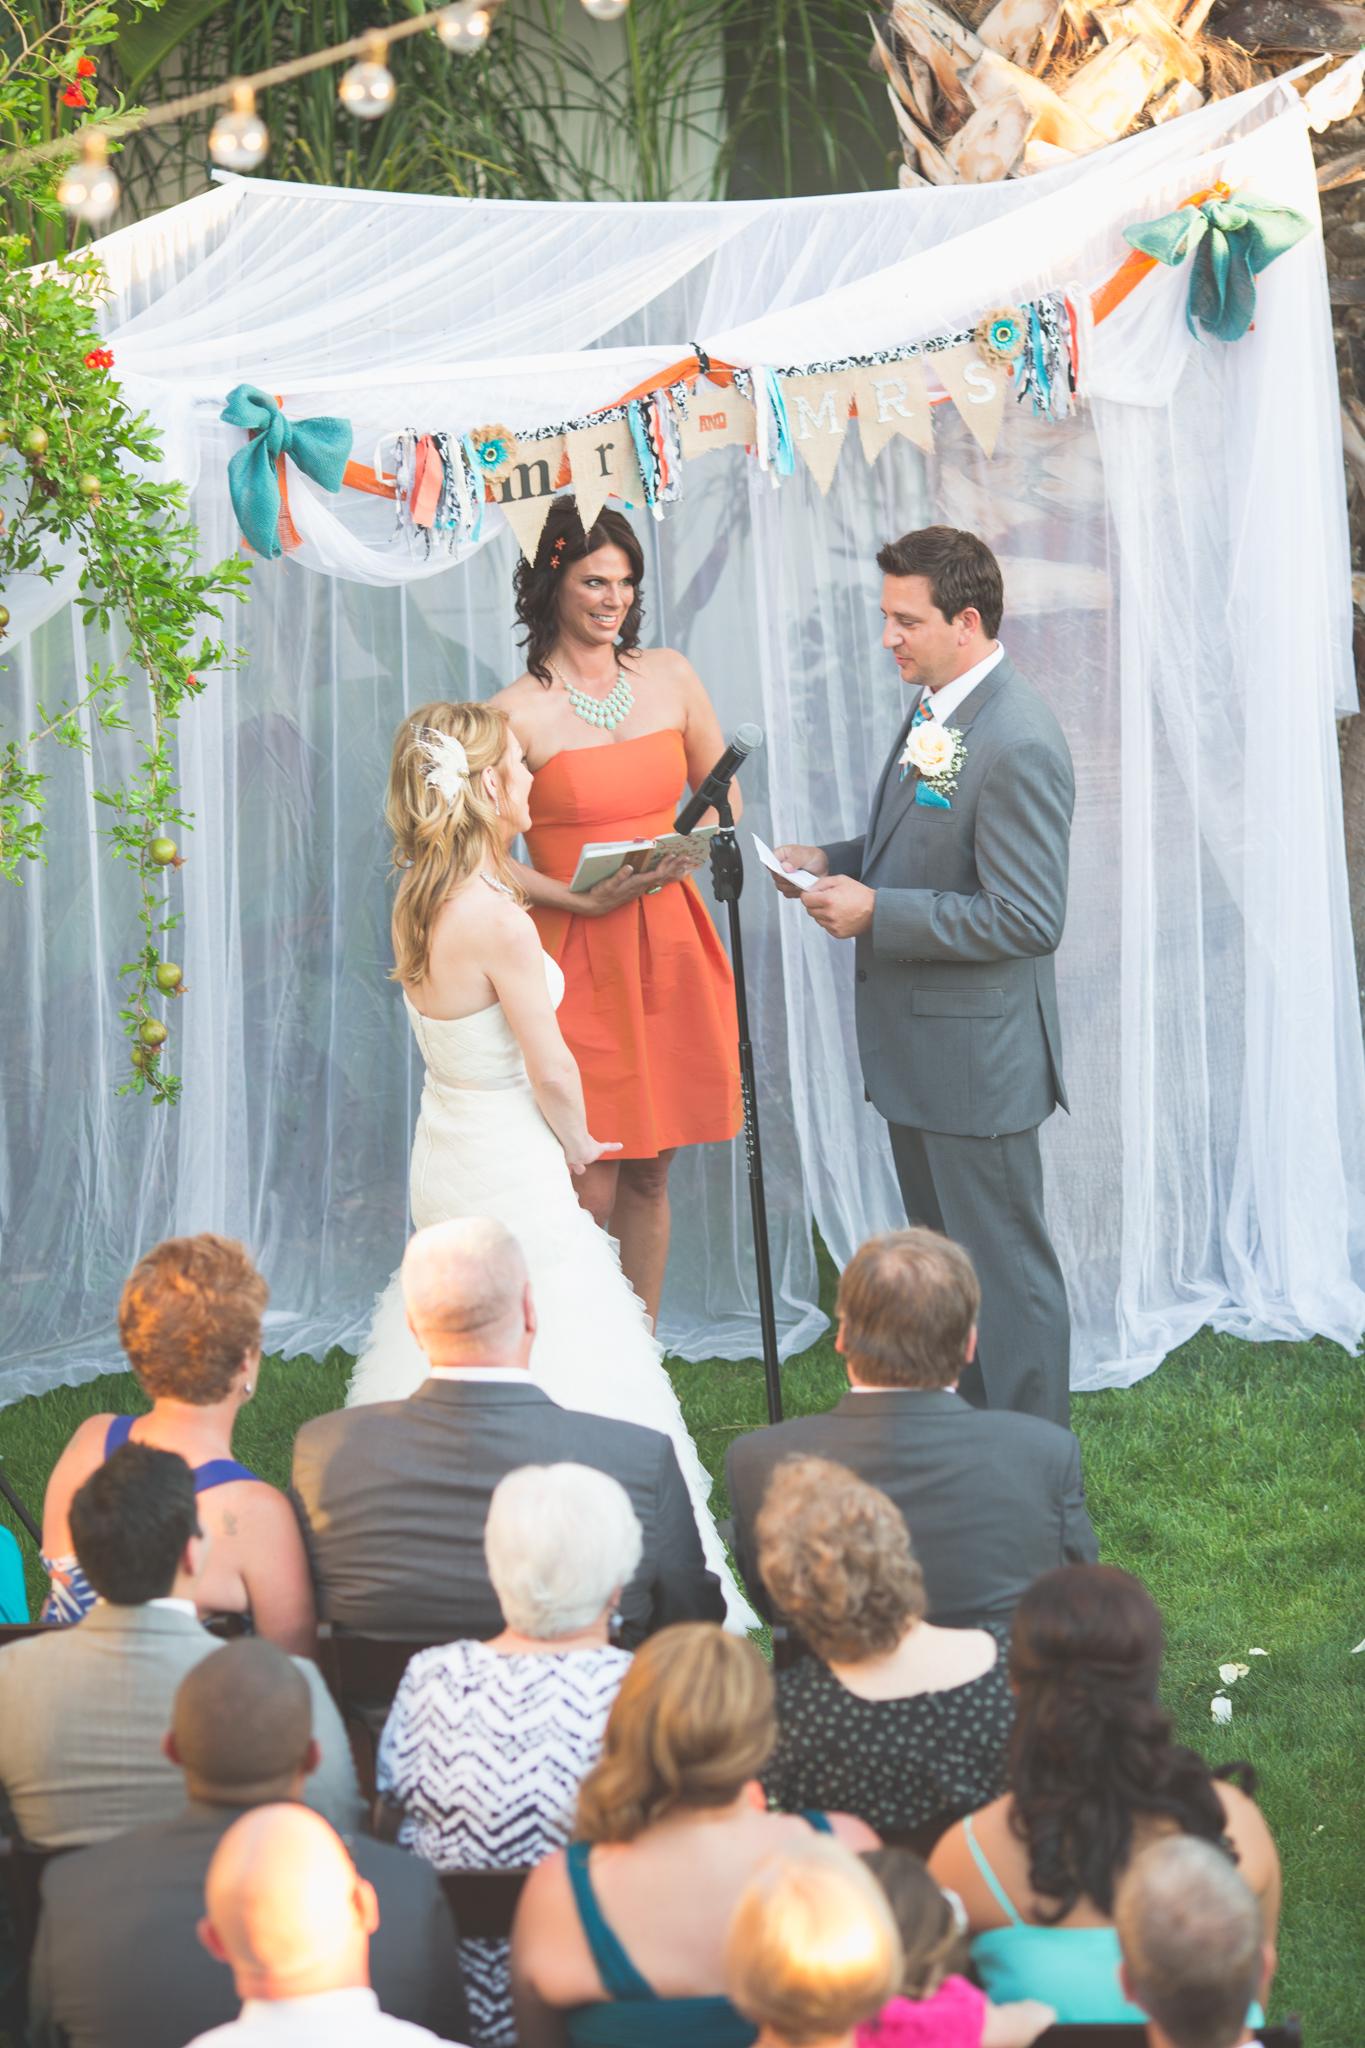 arizona-wedding-photography-groom-vows-ceremony